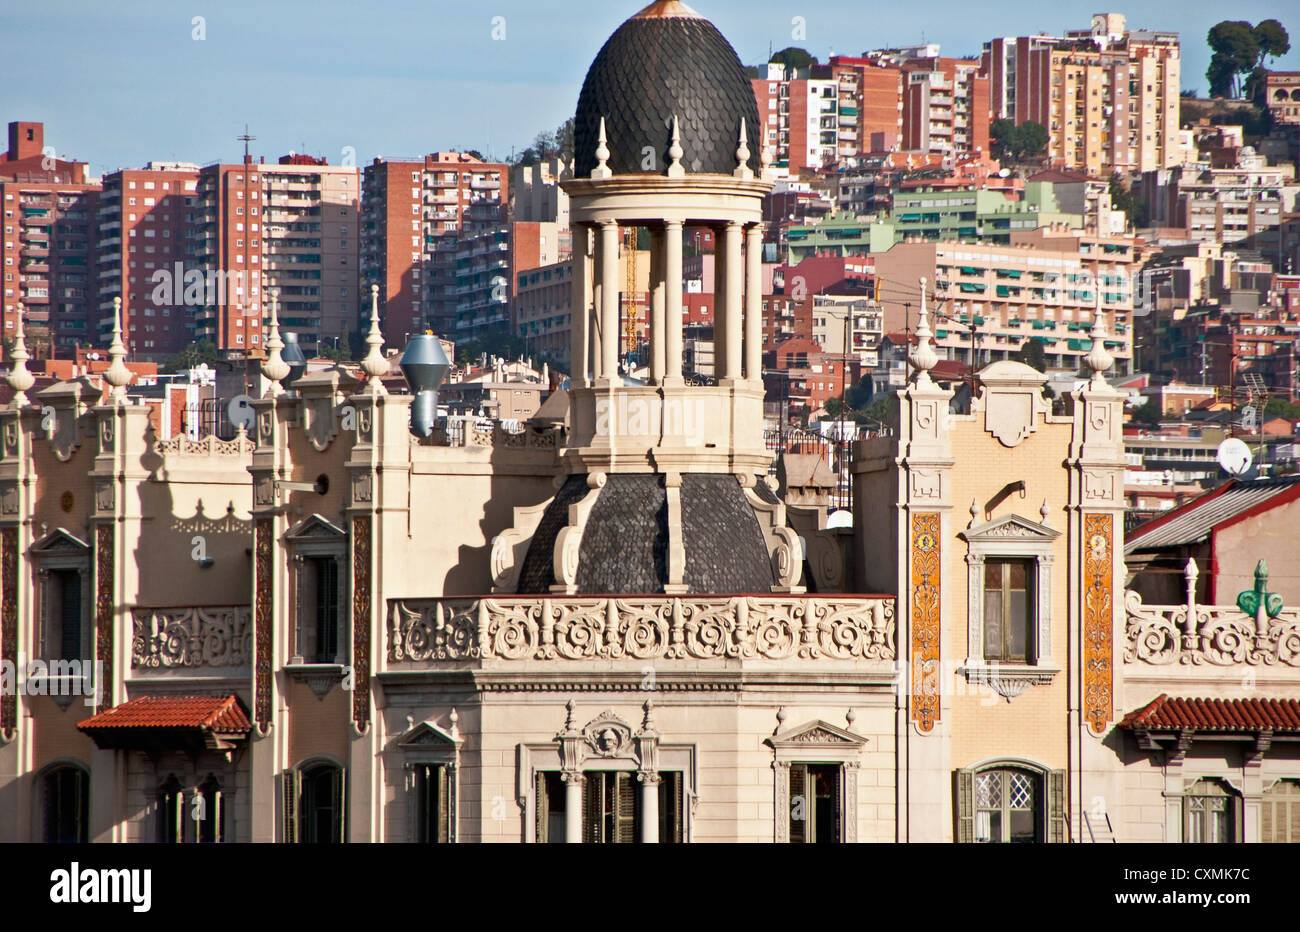 Arquitectura de Barcelona, desde los adornos a la ordinaria Imagen De Stock